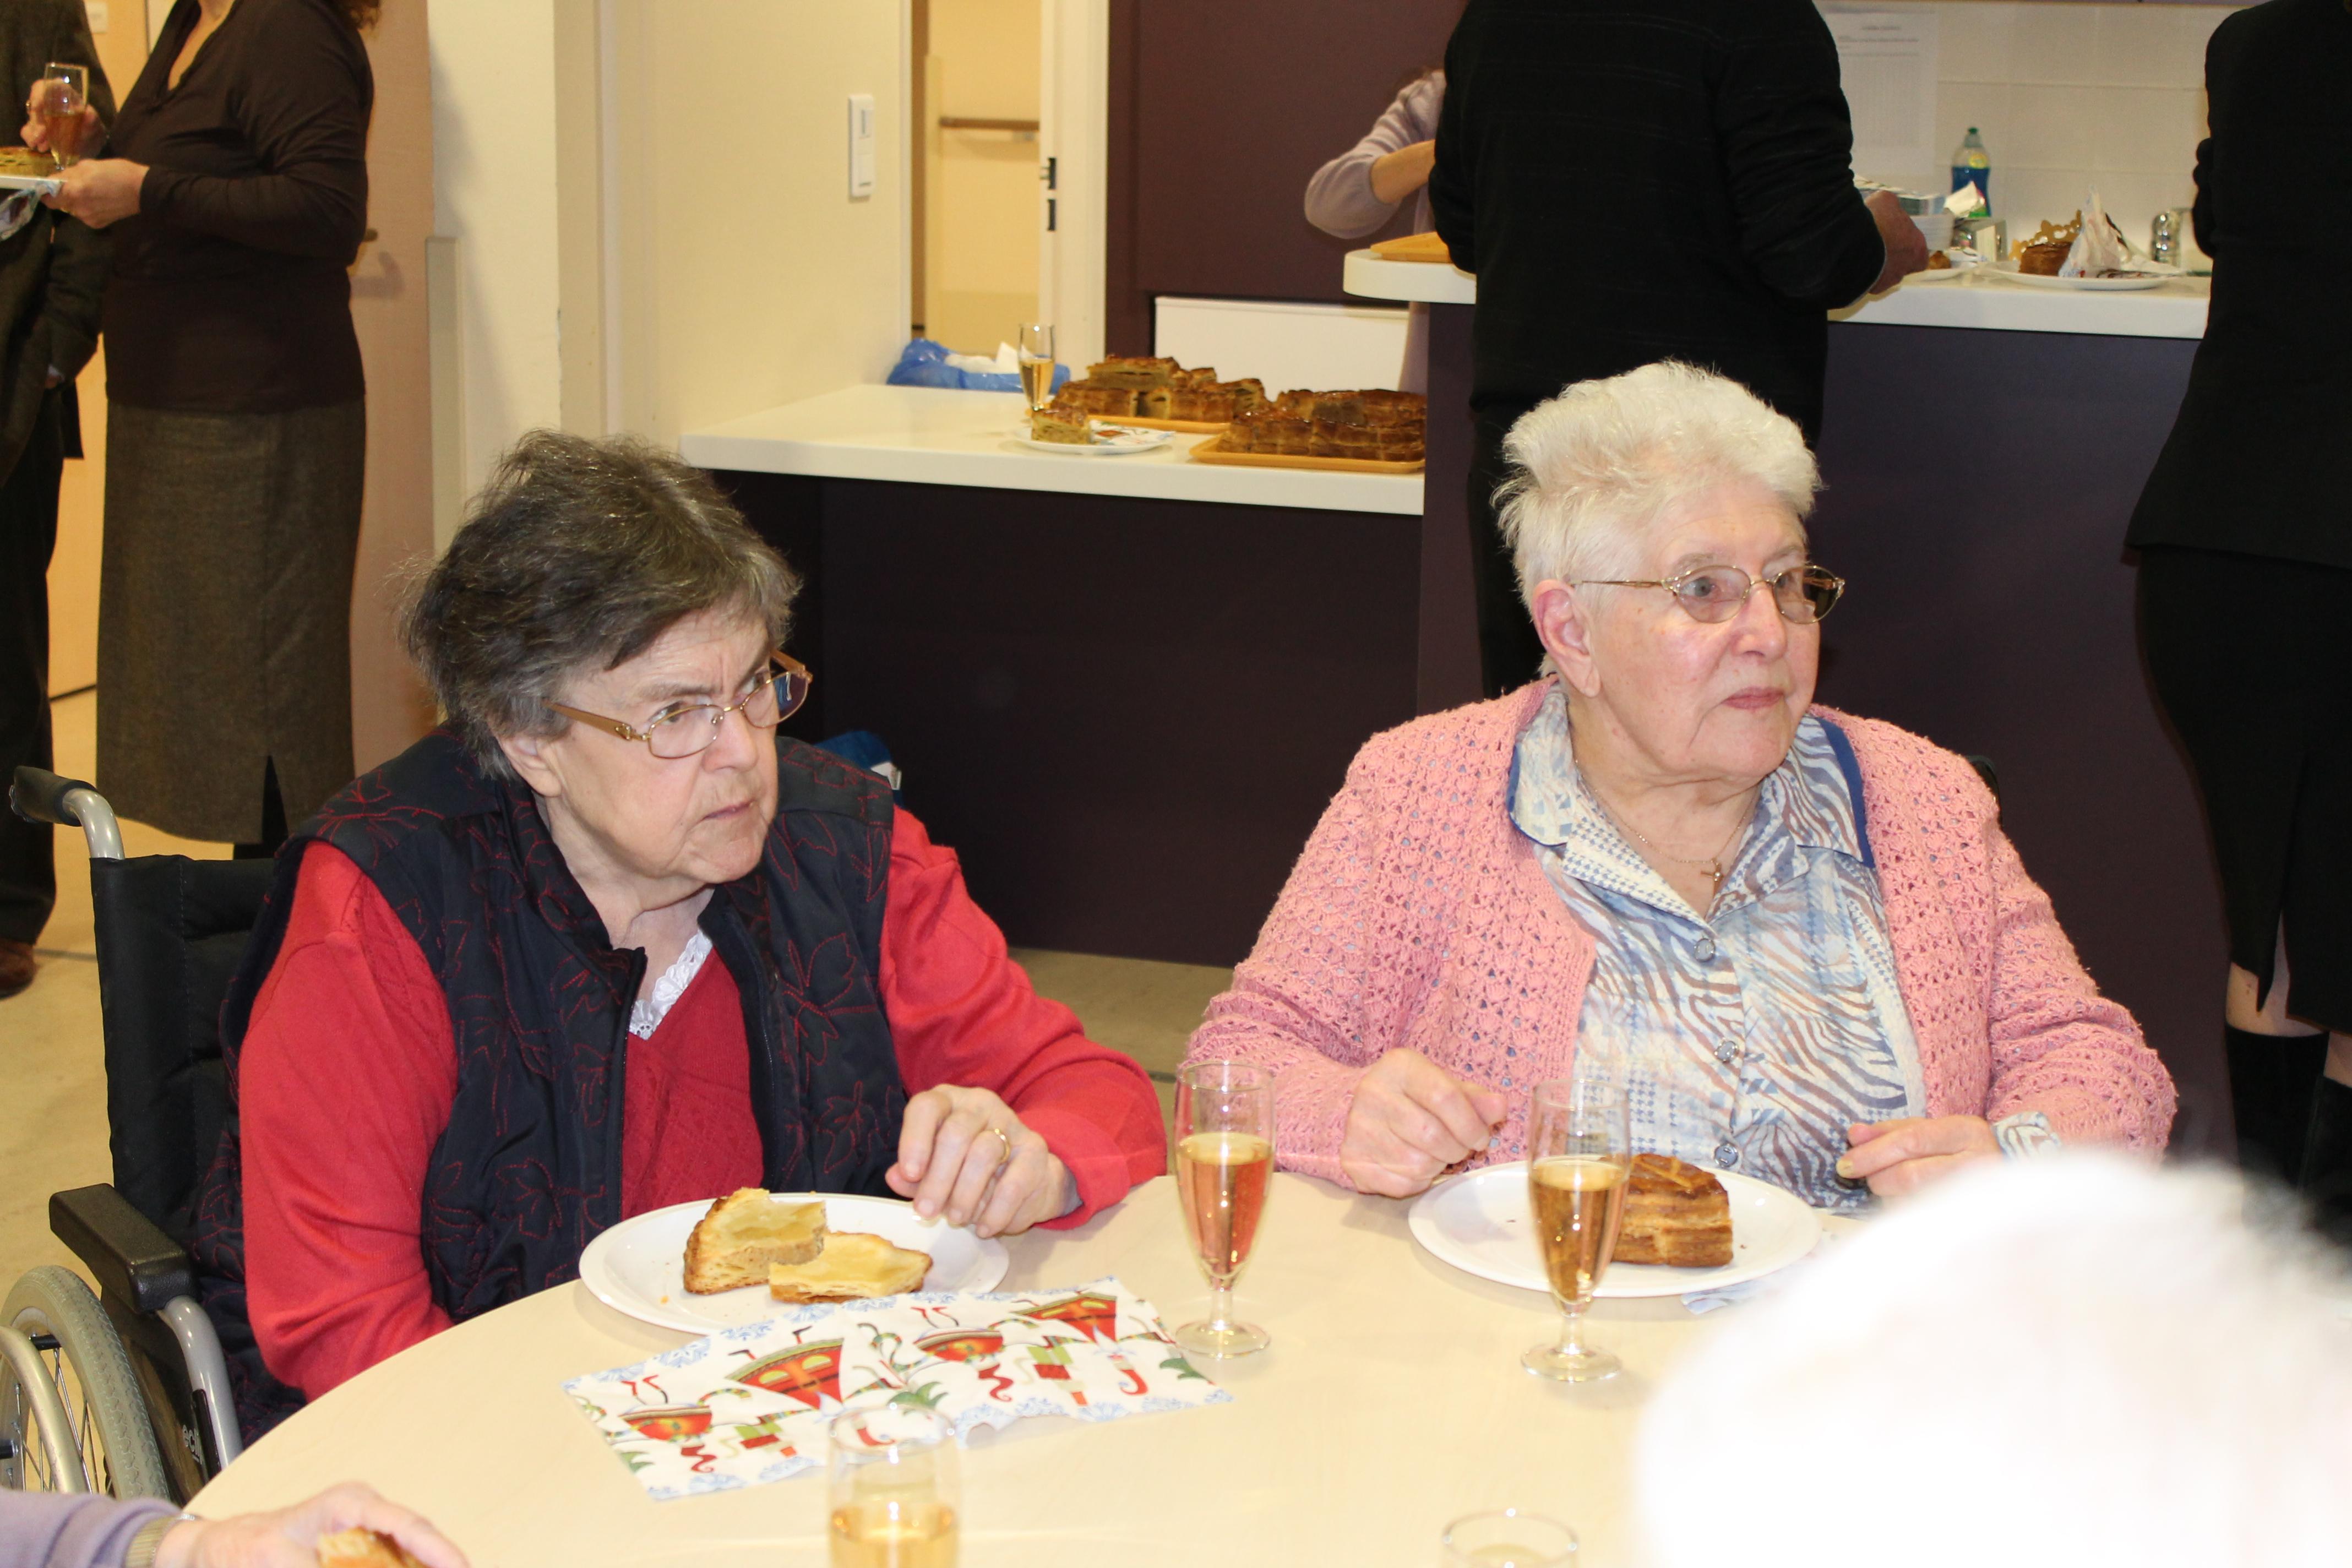 Mercredi 15 janvier 2014, les résidents du Clos ont pu déguster la traditionnelle galette des rois, offerte généreusement par le Lions Club.